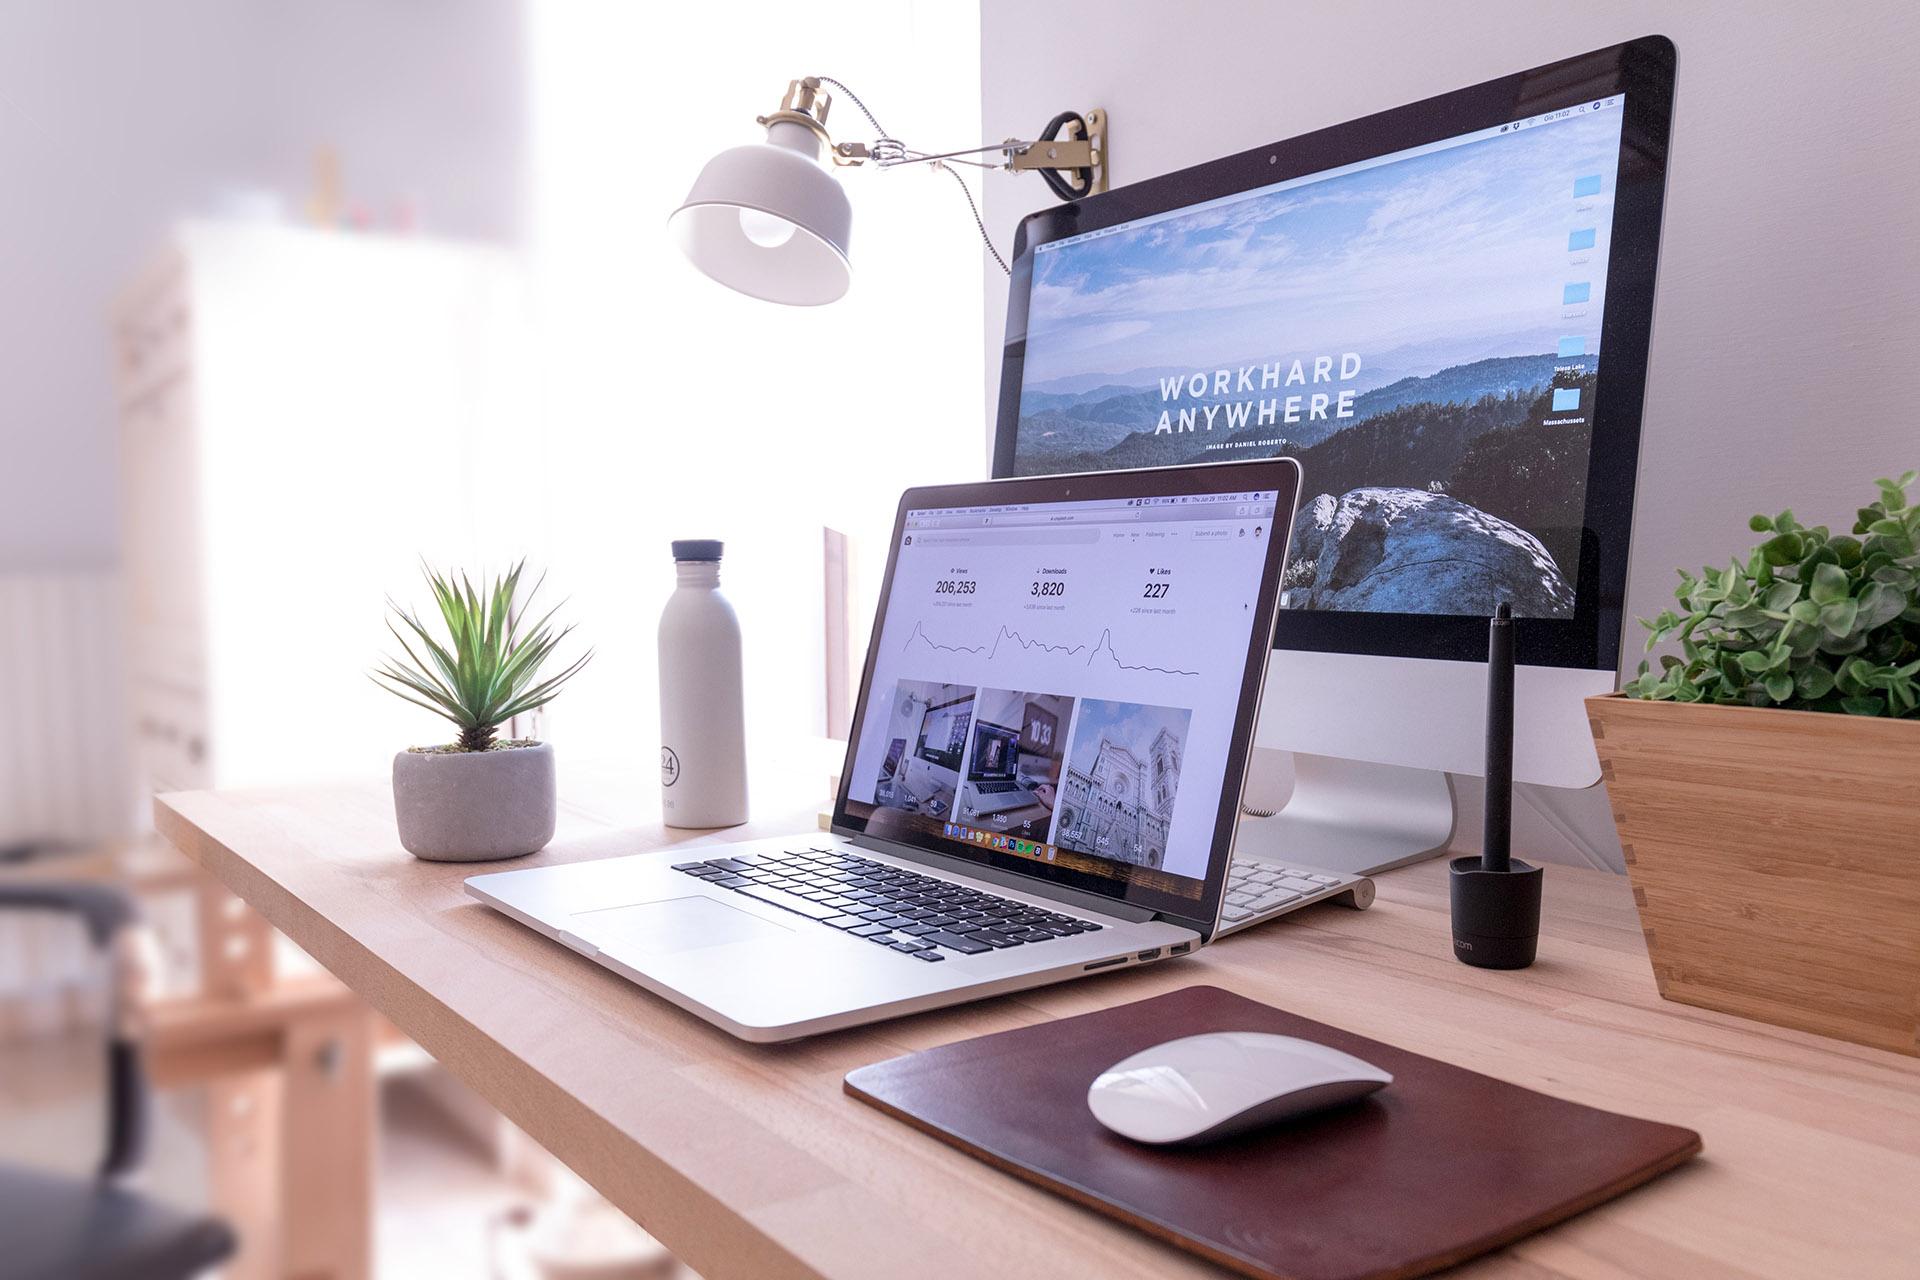 Een laptop en een beeldscherm met daarop een applicatie en een website